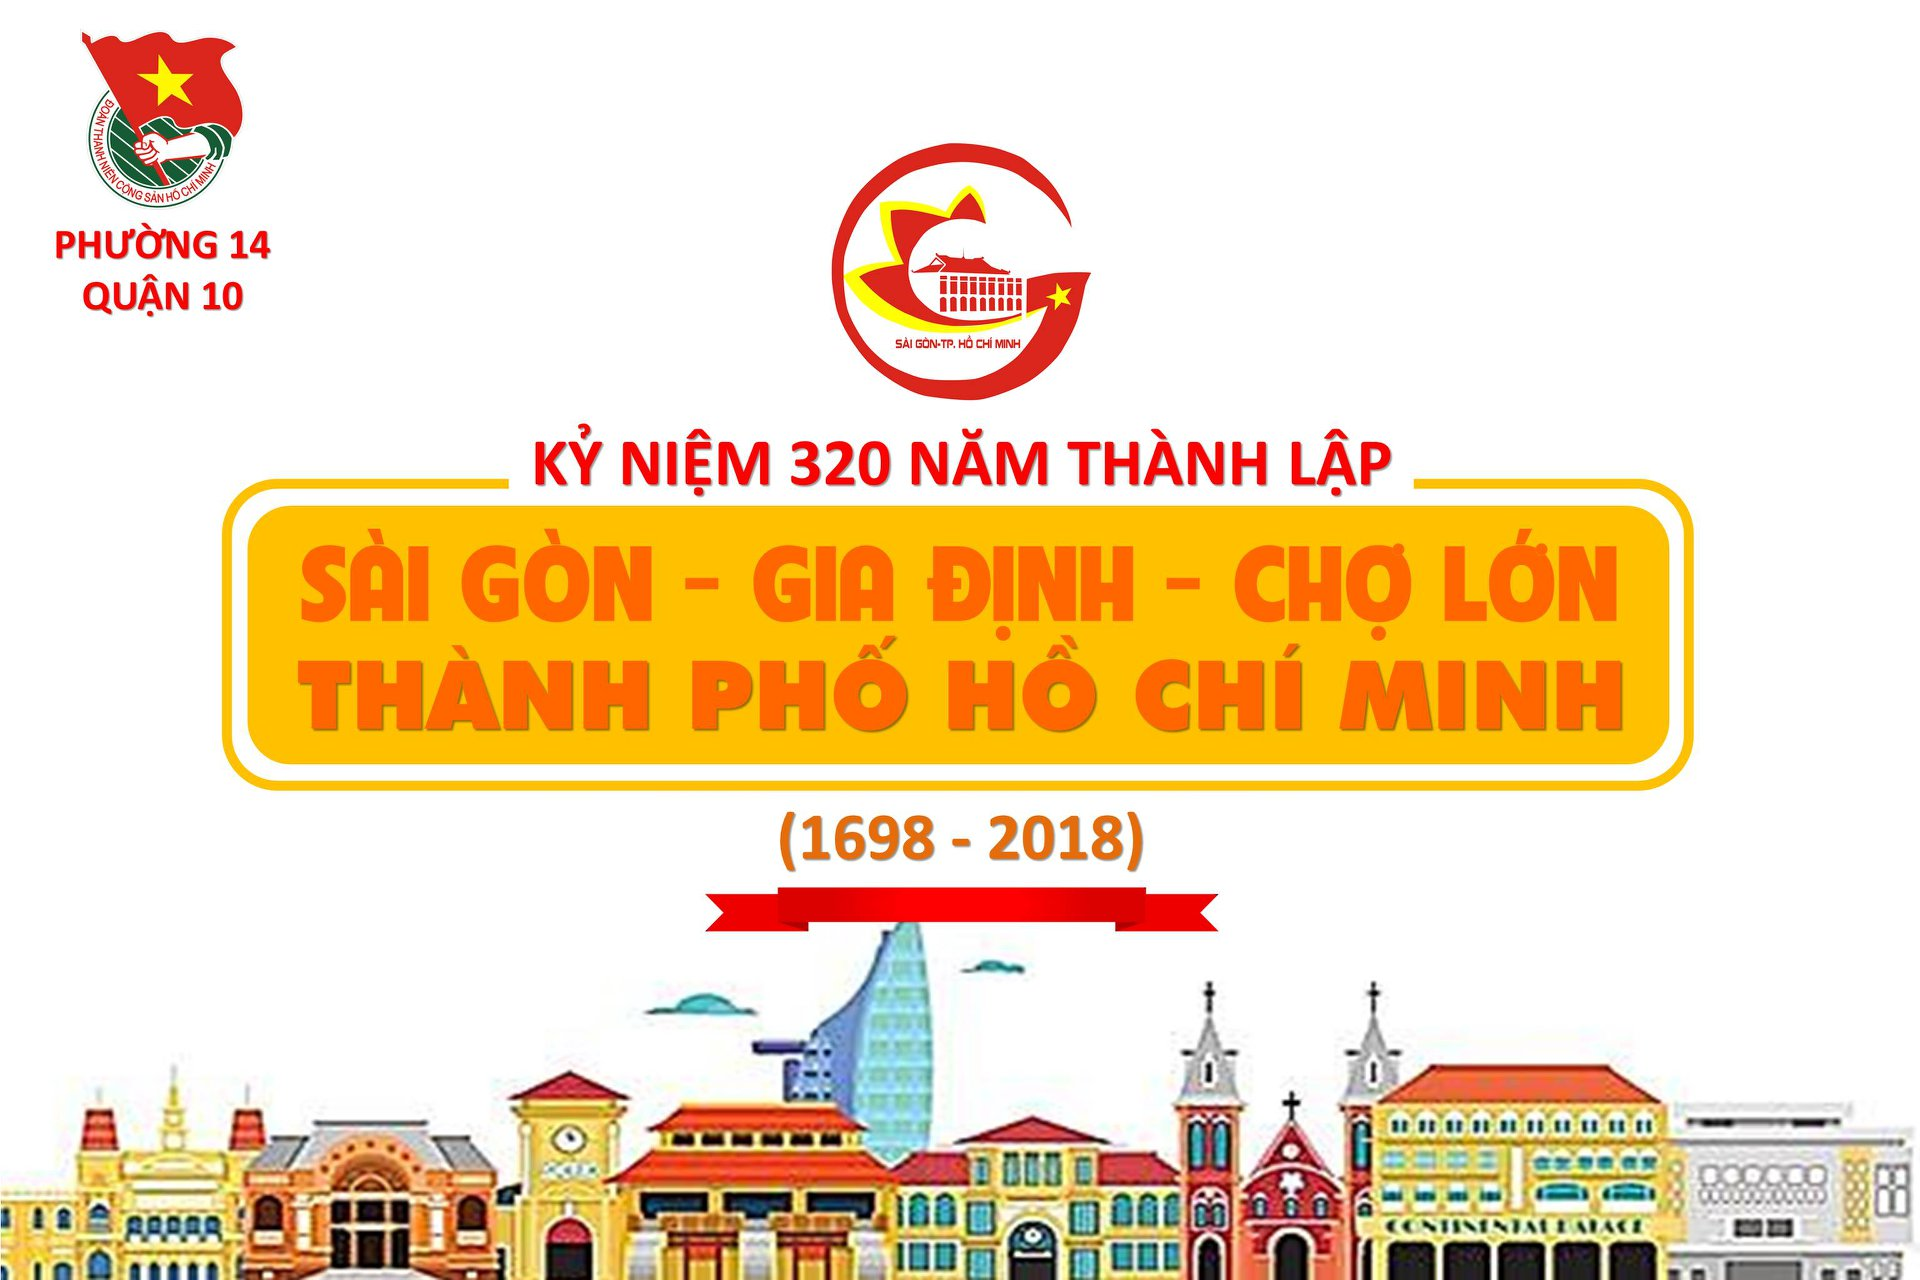 """[Phường 14] Infographic tuyên truyền """"Kỷ niệm 320 năm thành lập Sài Gòn - TP. Hồ Chí Minh"""""""